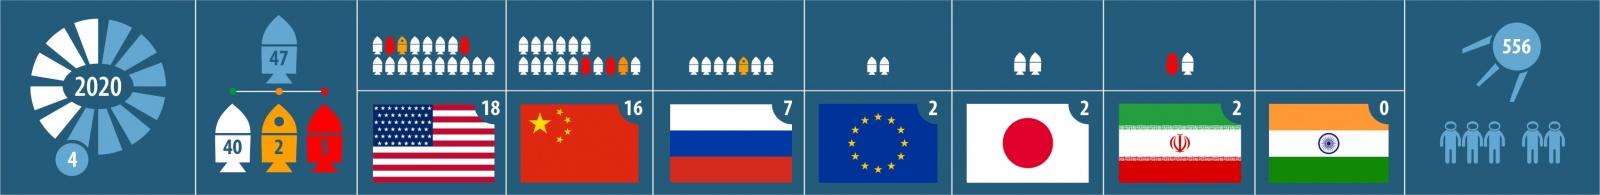 Аварийный запуск. 47-й запуск в 2020 году. 18-й от США. 7 спутников на РН Electron - 1